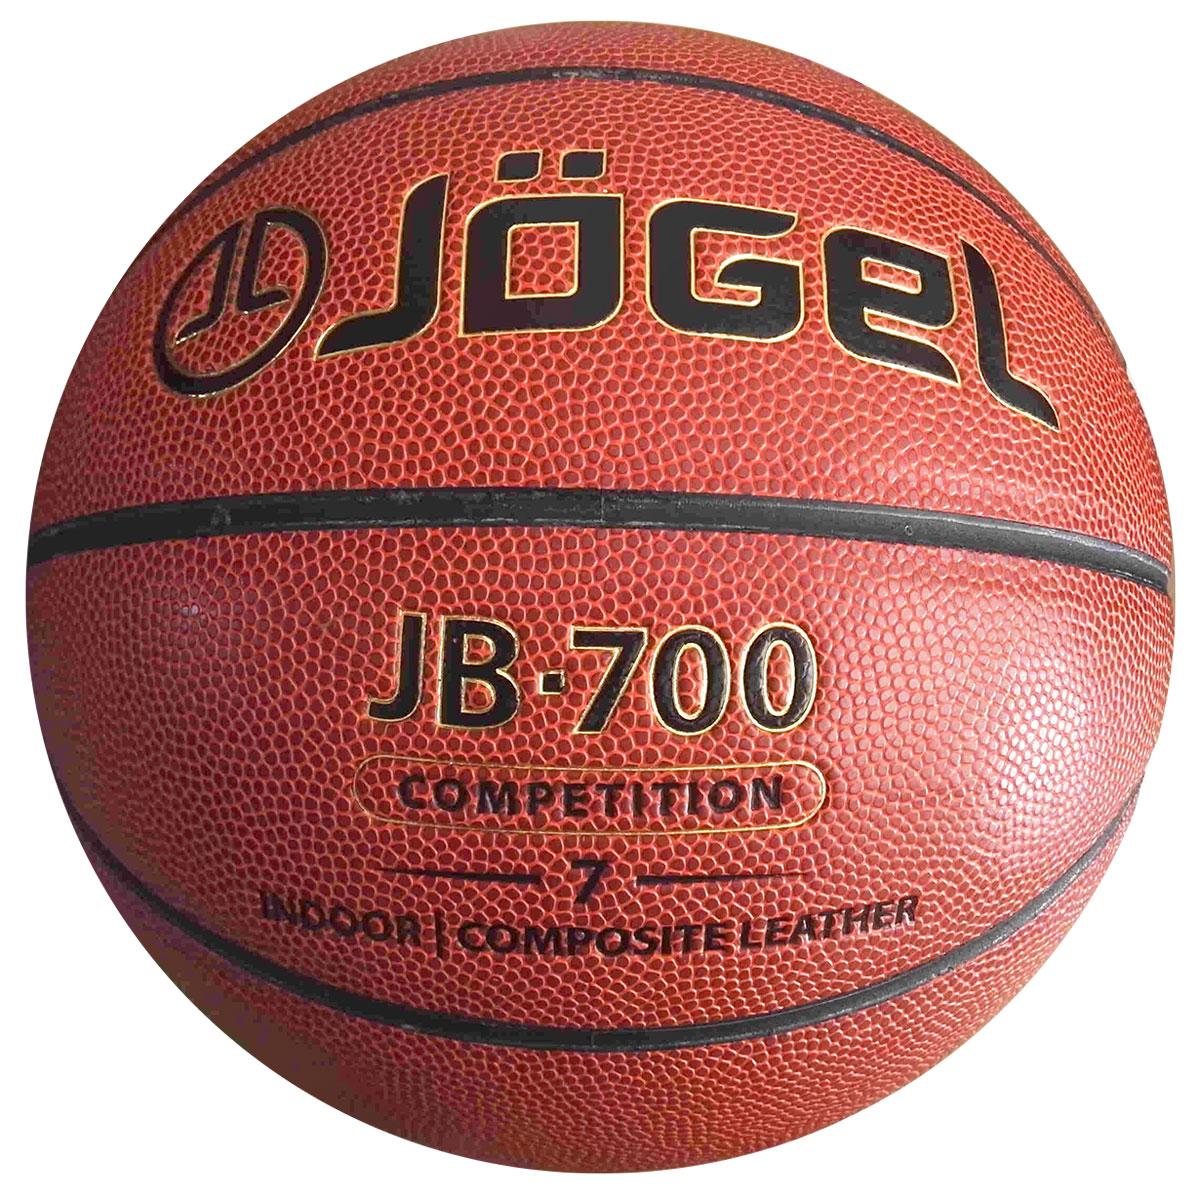 Мяч баскетбольный Jogel, цвет: коричневый. Размер 7. JB-700УТ-00009331Название: Мяч баскетбольный Jgel JB-700 №7 Уровень: Матчевый мяч Серия: COMPETITION Категория: INDOOR Описание: Jogel JB-700 №7 и не выскальзывает из рук во время броска или дриблинга. Размер №7 предназначается для мужчин и юношей от 17 лет, официальный размер для соревнований мужских команд. Данный мяч рекомендован для тренировок и соревнований команд высокого уровня. Официальный размер и вес FIBA. Рекомендованные покрытия: Паркет Материал поверхности: Композитный материал (микрофибра) Материал камеры: Бутил Тип соединения панелей: Клееный Количество панелей: 8 Размер: 7 Вес: 567-650 гр. Длина окружности: 75-78 см Рекомендованное давление: 0.5-0.6 бар Количество в коробке: 24 шт. Основной цвет: Коричневый Дополнительный цвет: Черный Бренд: Jogel Страна бренда: Германия Производство: КНР